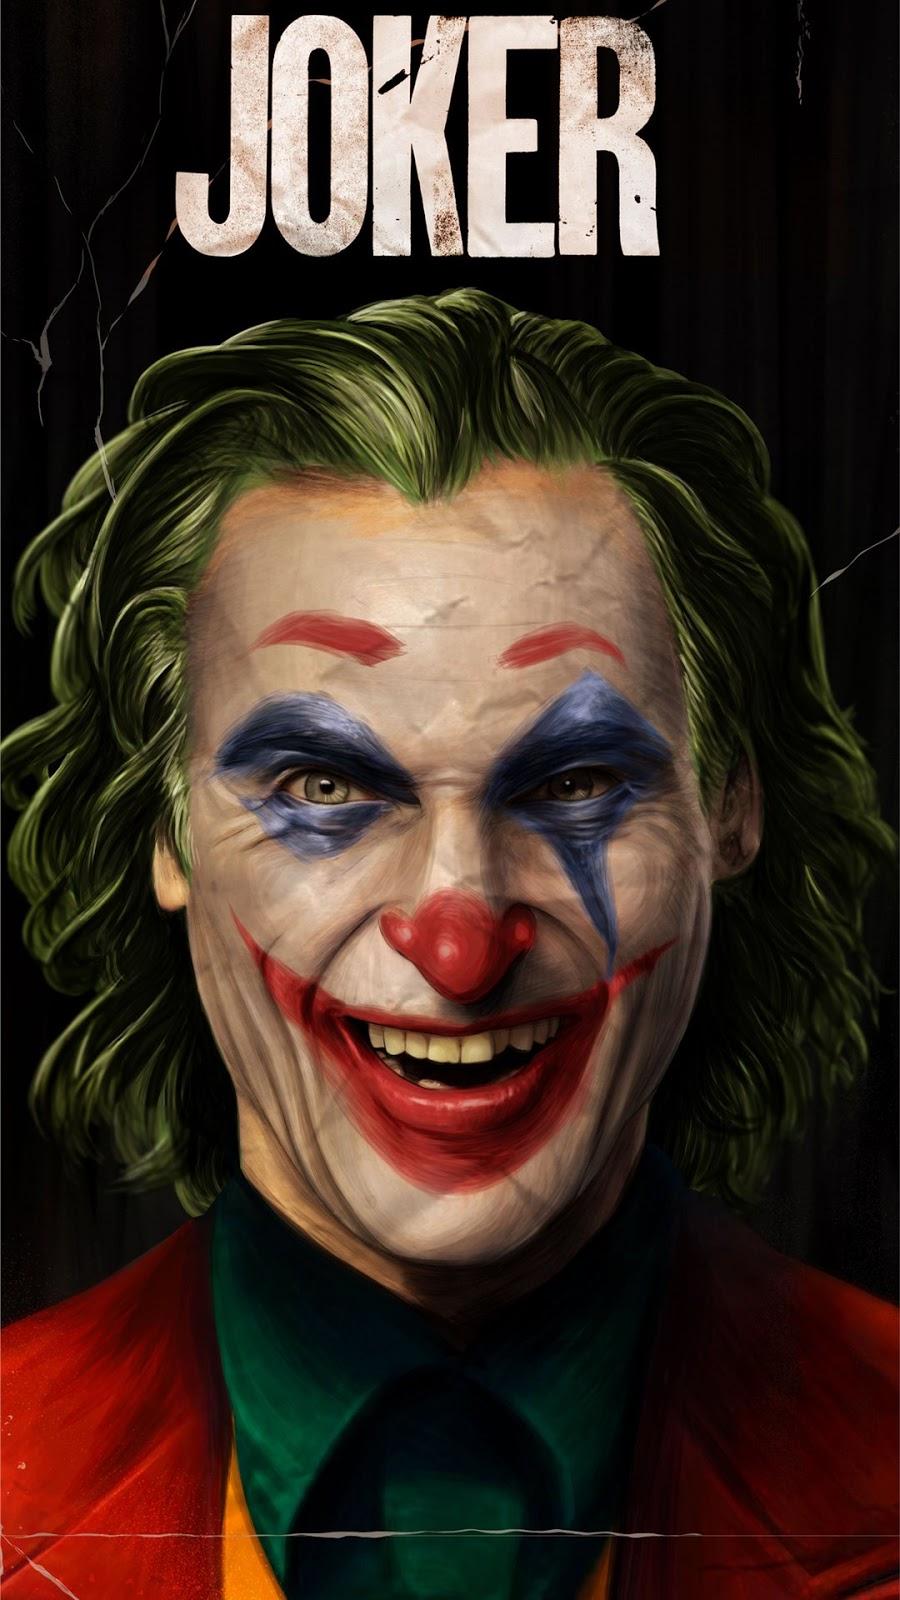 Download Joker 2019 Wallpaper Iphone 6 7 8 Plus